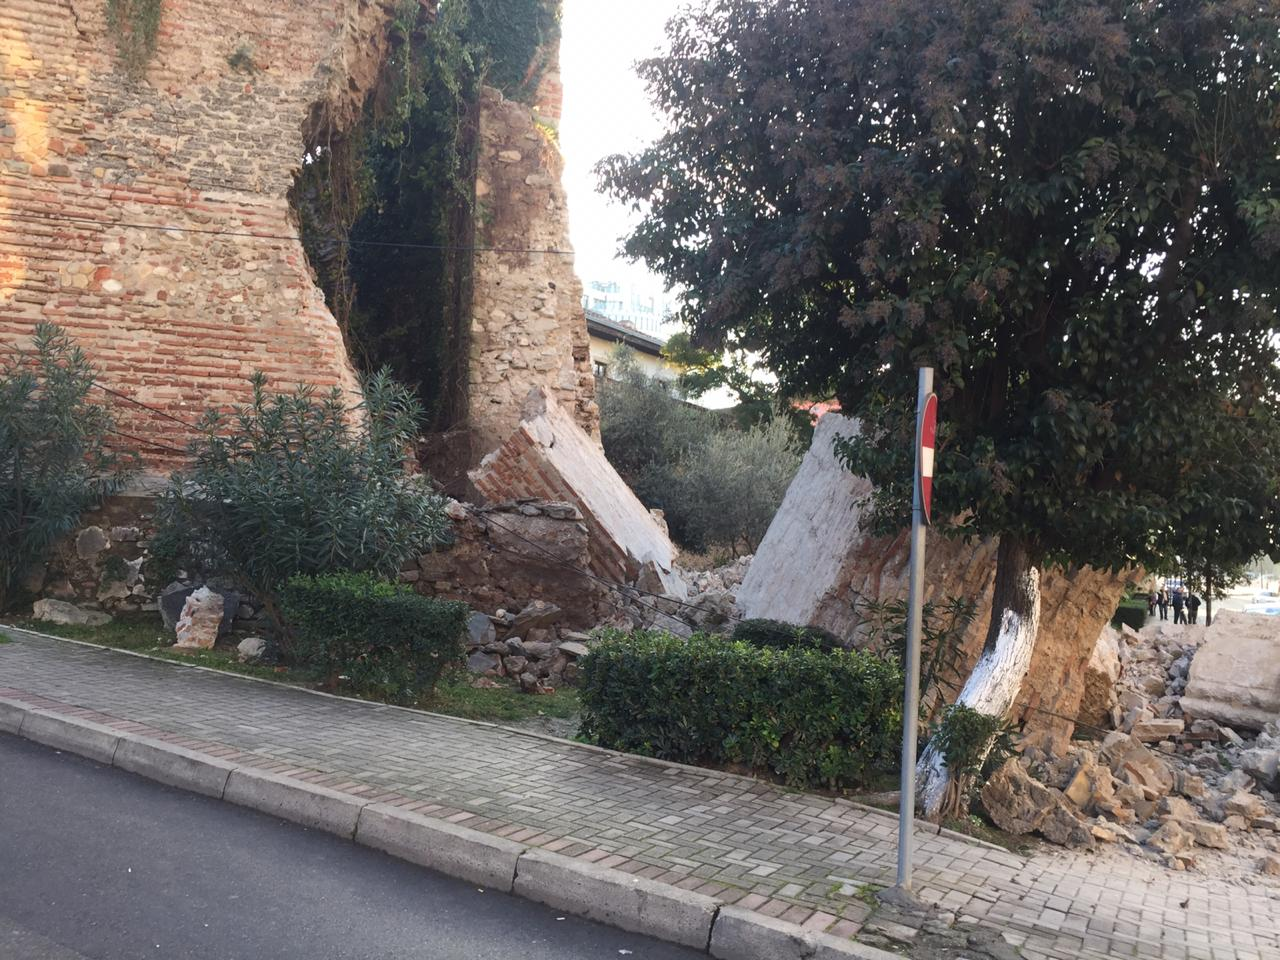 Po e riparonte, muri  zë poshtë 70-vjeçarin, ndërron jetë në spitalin e Sarandës